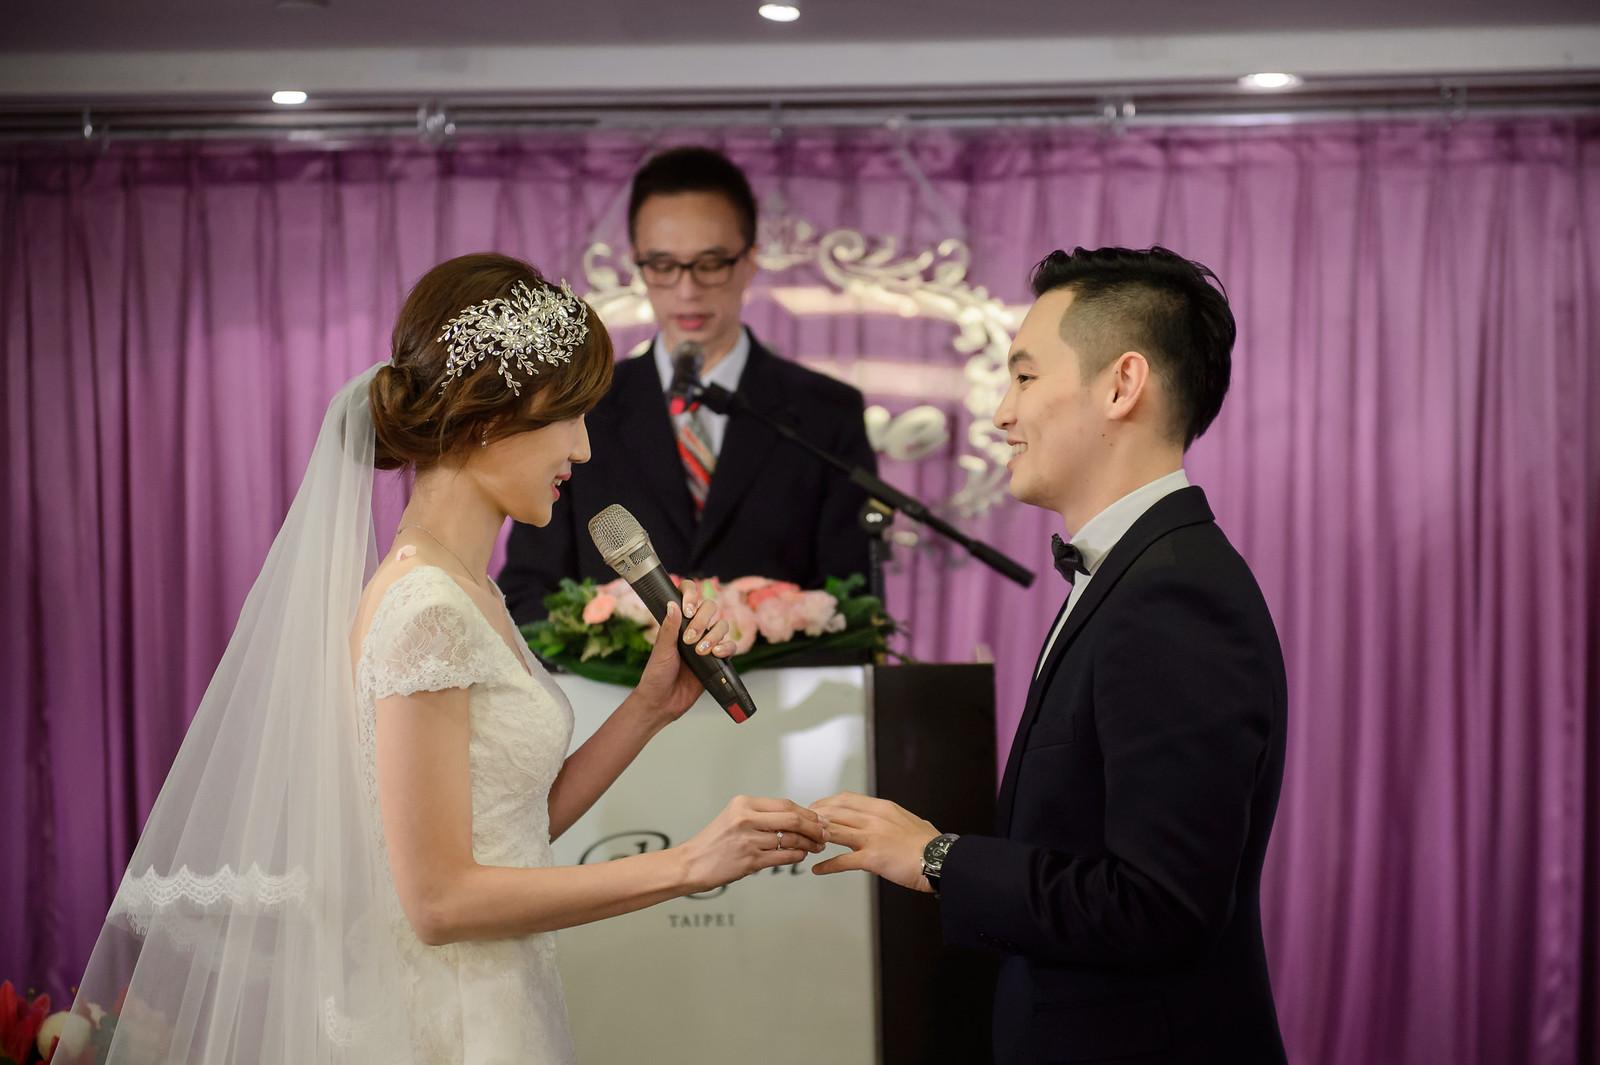 台北婚攝, 婚禮攝影, 婚攝, 婚攝守恆, 婚攝推薦, 晶華酒店, 晶華酒店婚宴, 晶華酒店婚攝-46